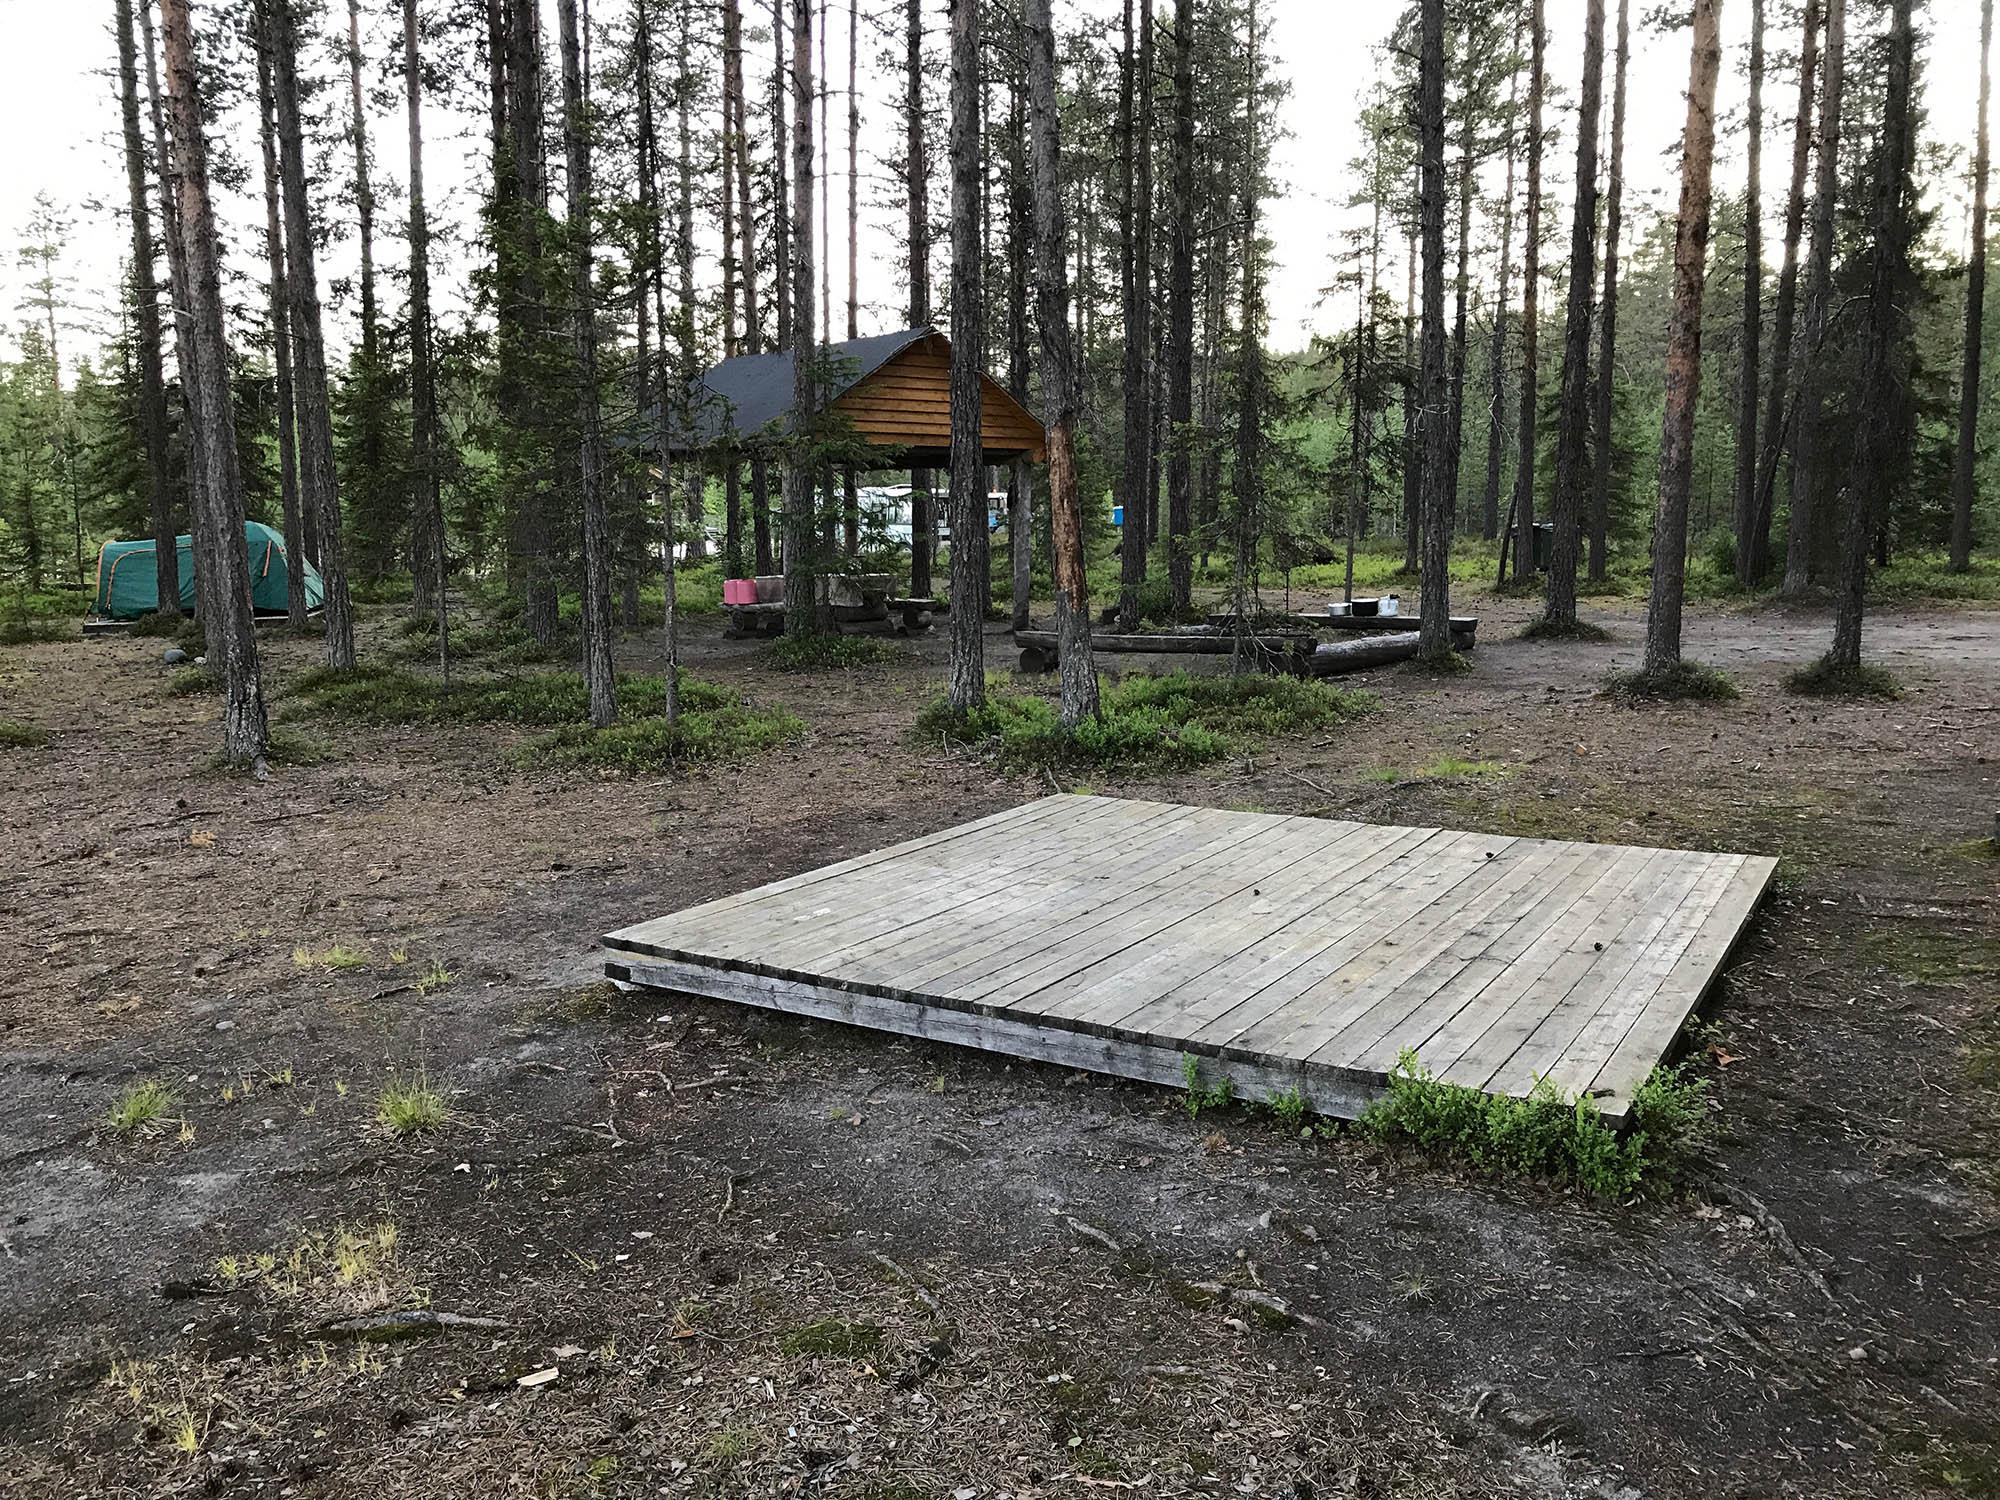 Место для палатки «Оланга 2». Ее ставят не на землю, а на деревянный настил. Если пойдет дождь, палатка не уплывет. Рядом есть парковка